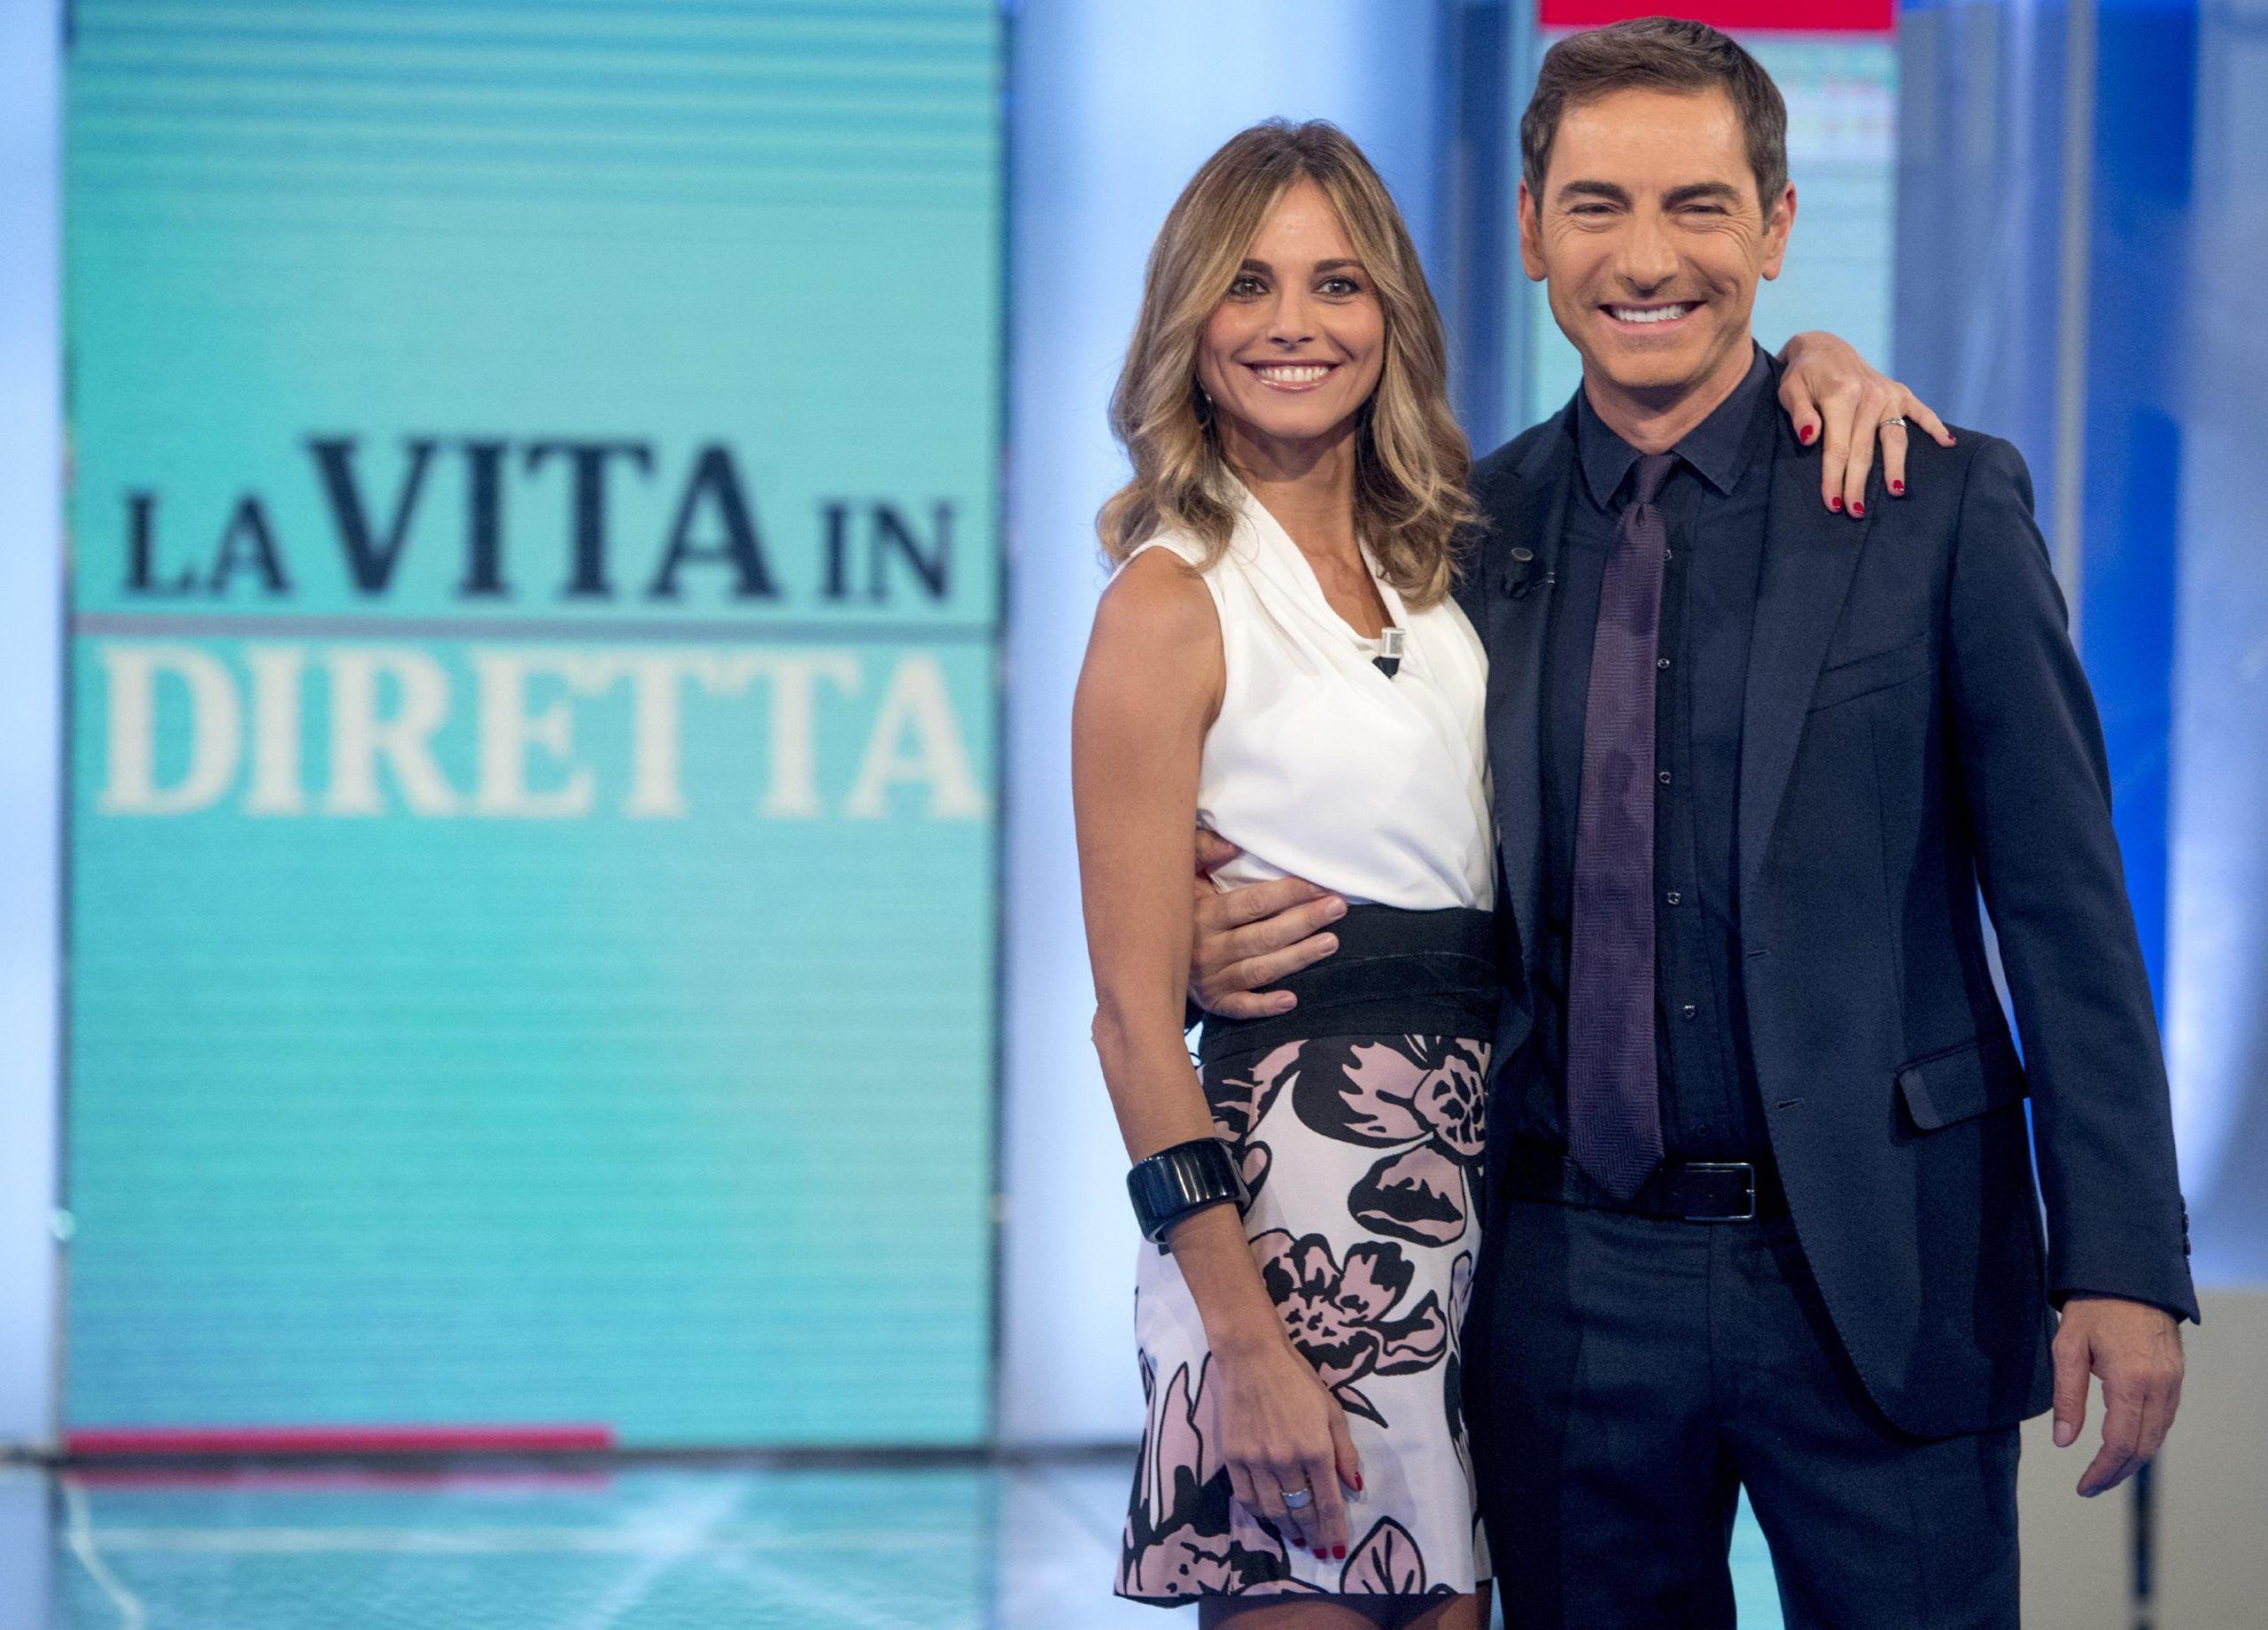 La vita in diretta, lite tra Francesca Fialdini e Marco Liorni? La smentita